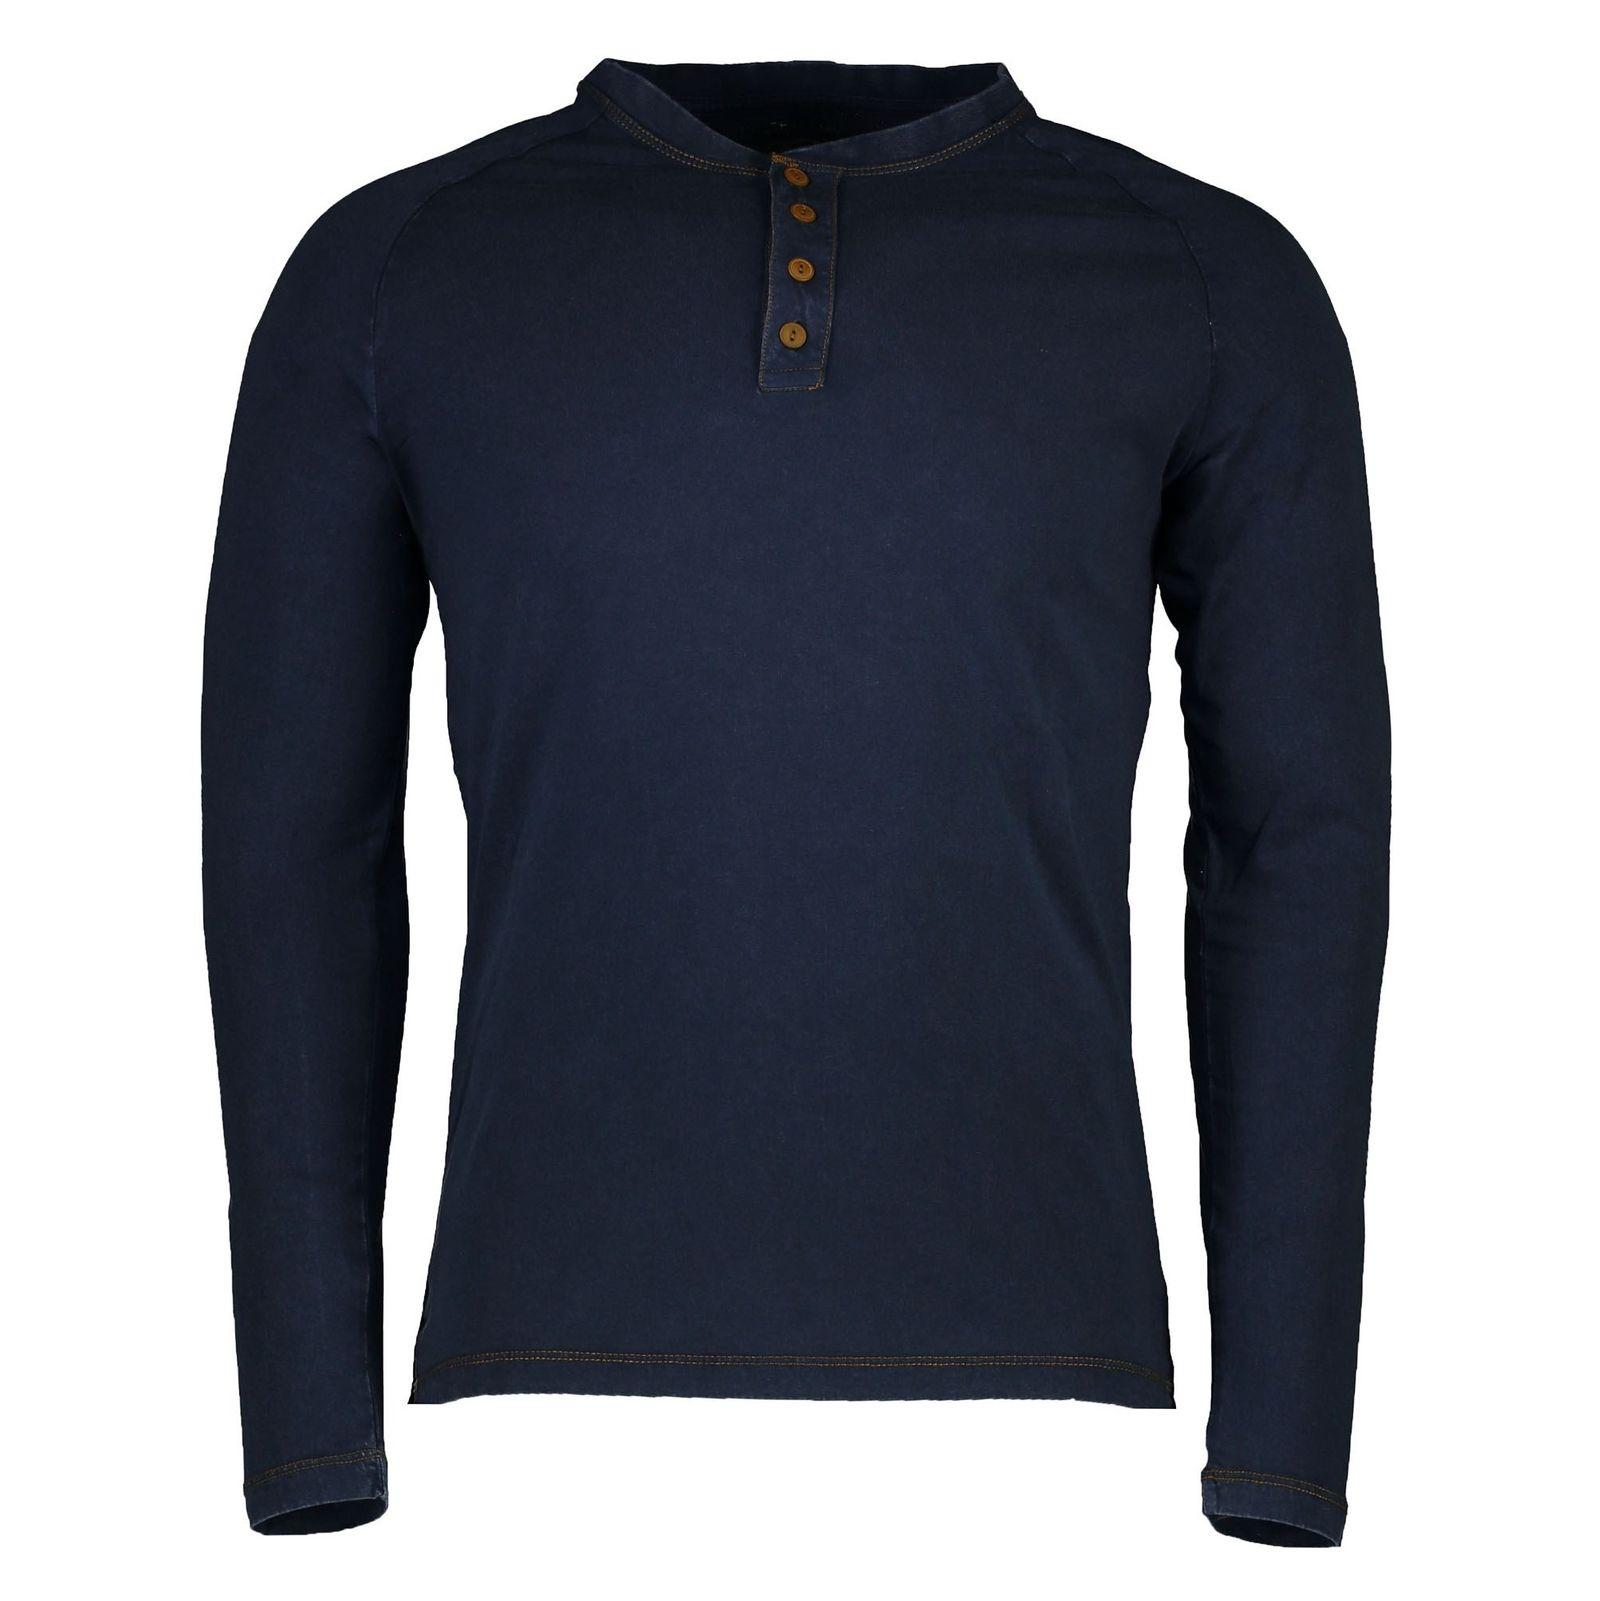 تی شرت نخی یقه هفت مردانه - یوپیم - سرمه اي - 1